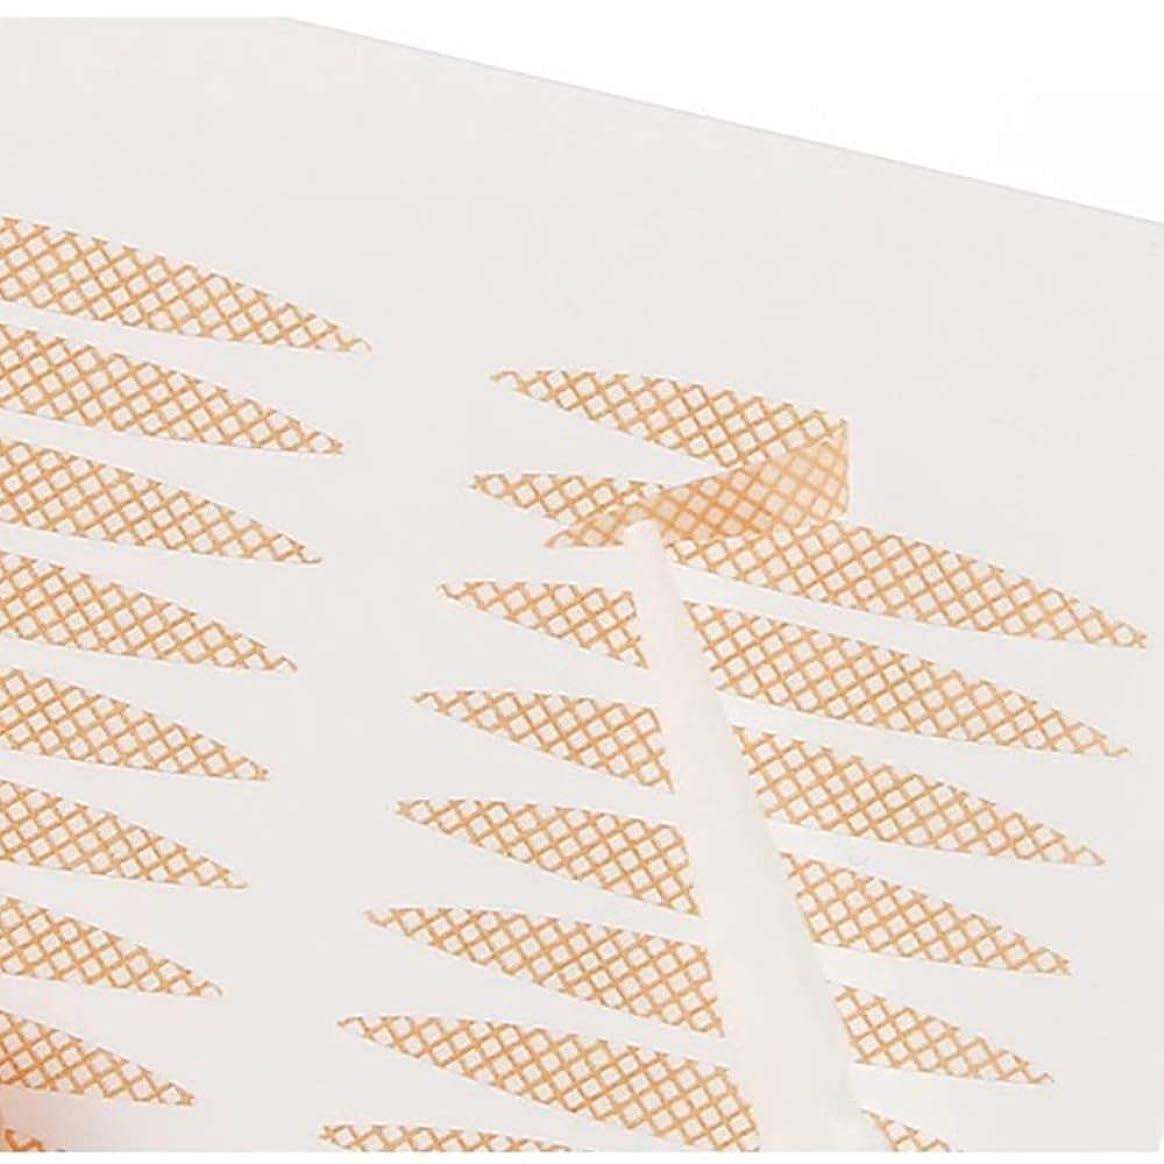 静脈欲求不満ピカリングSweetSweetShop メッシュ式二重テープ 二重まぶた アイテープ ふたえまぶたテープ 癖付け 絆創膏タイプ 半月型 楕円型 240枚 120回分 4ヶ月分 プッシャー付き (半月タイプレギュラー240枚)